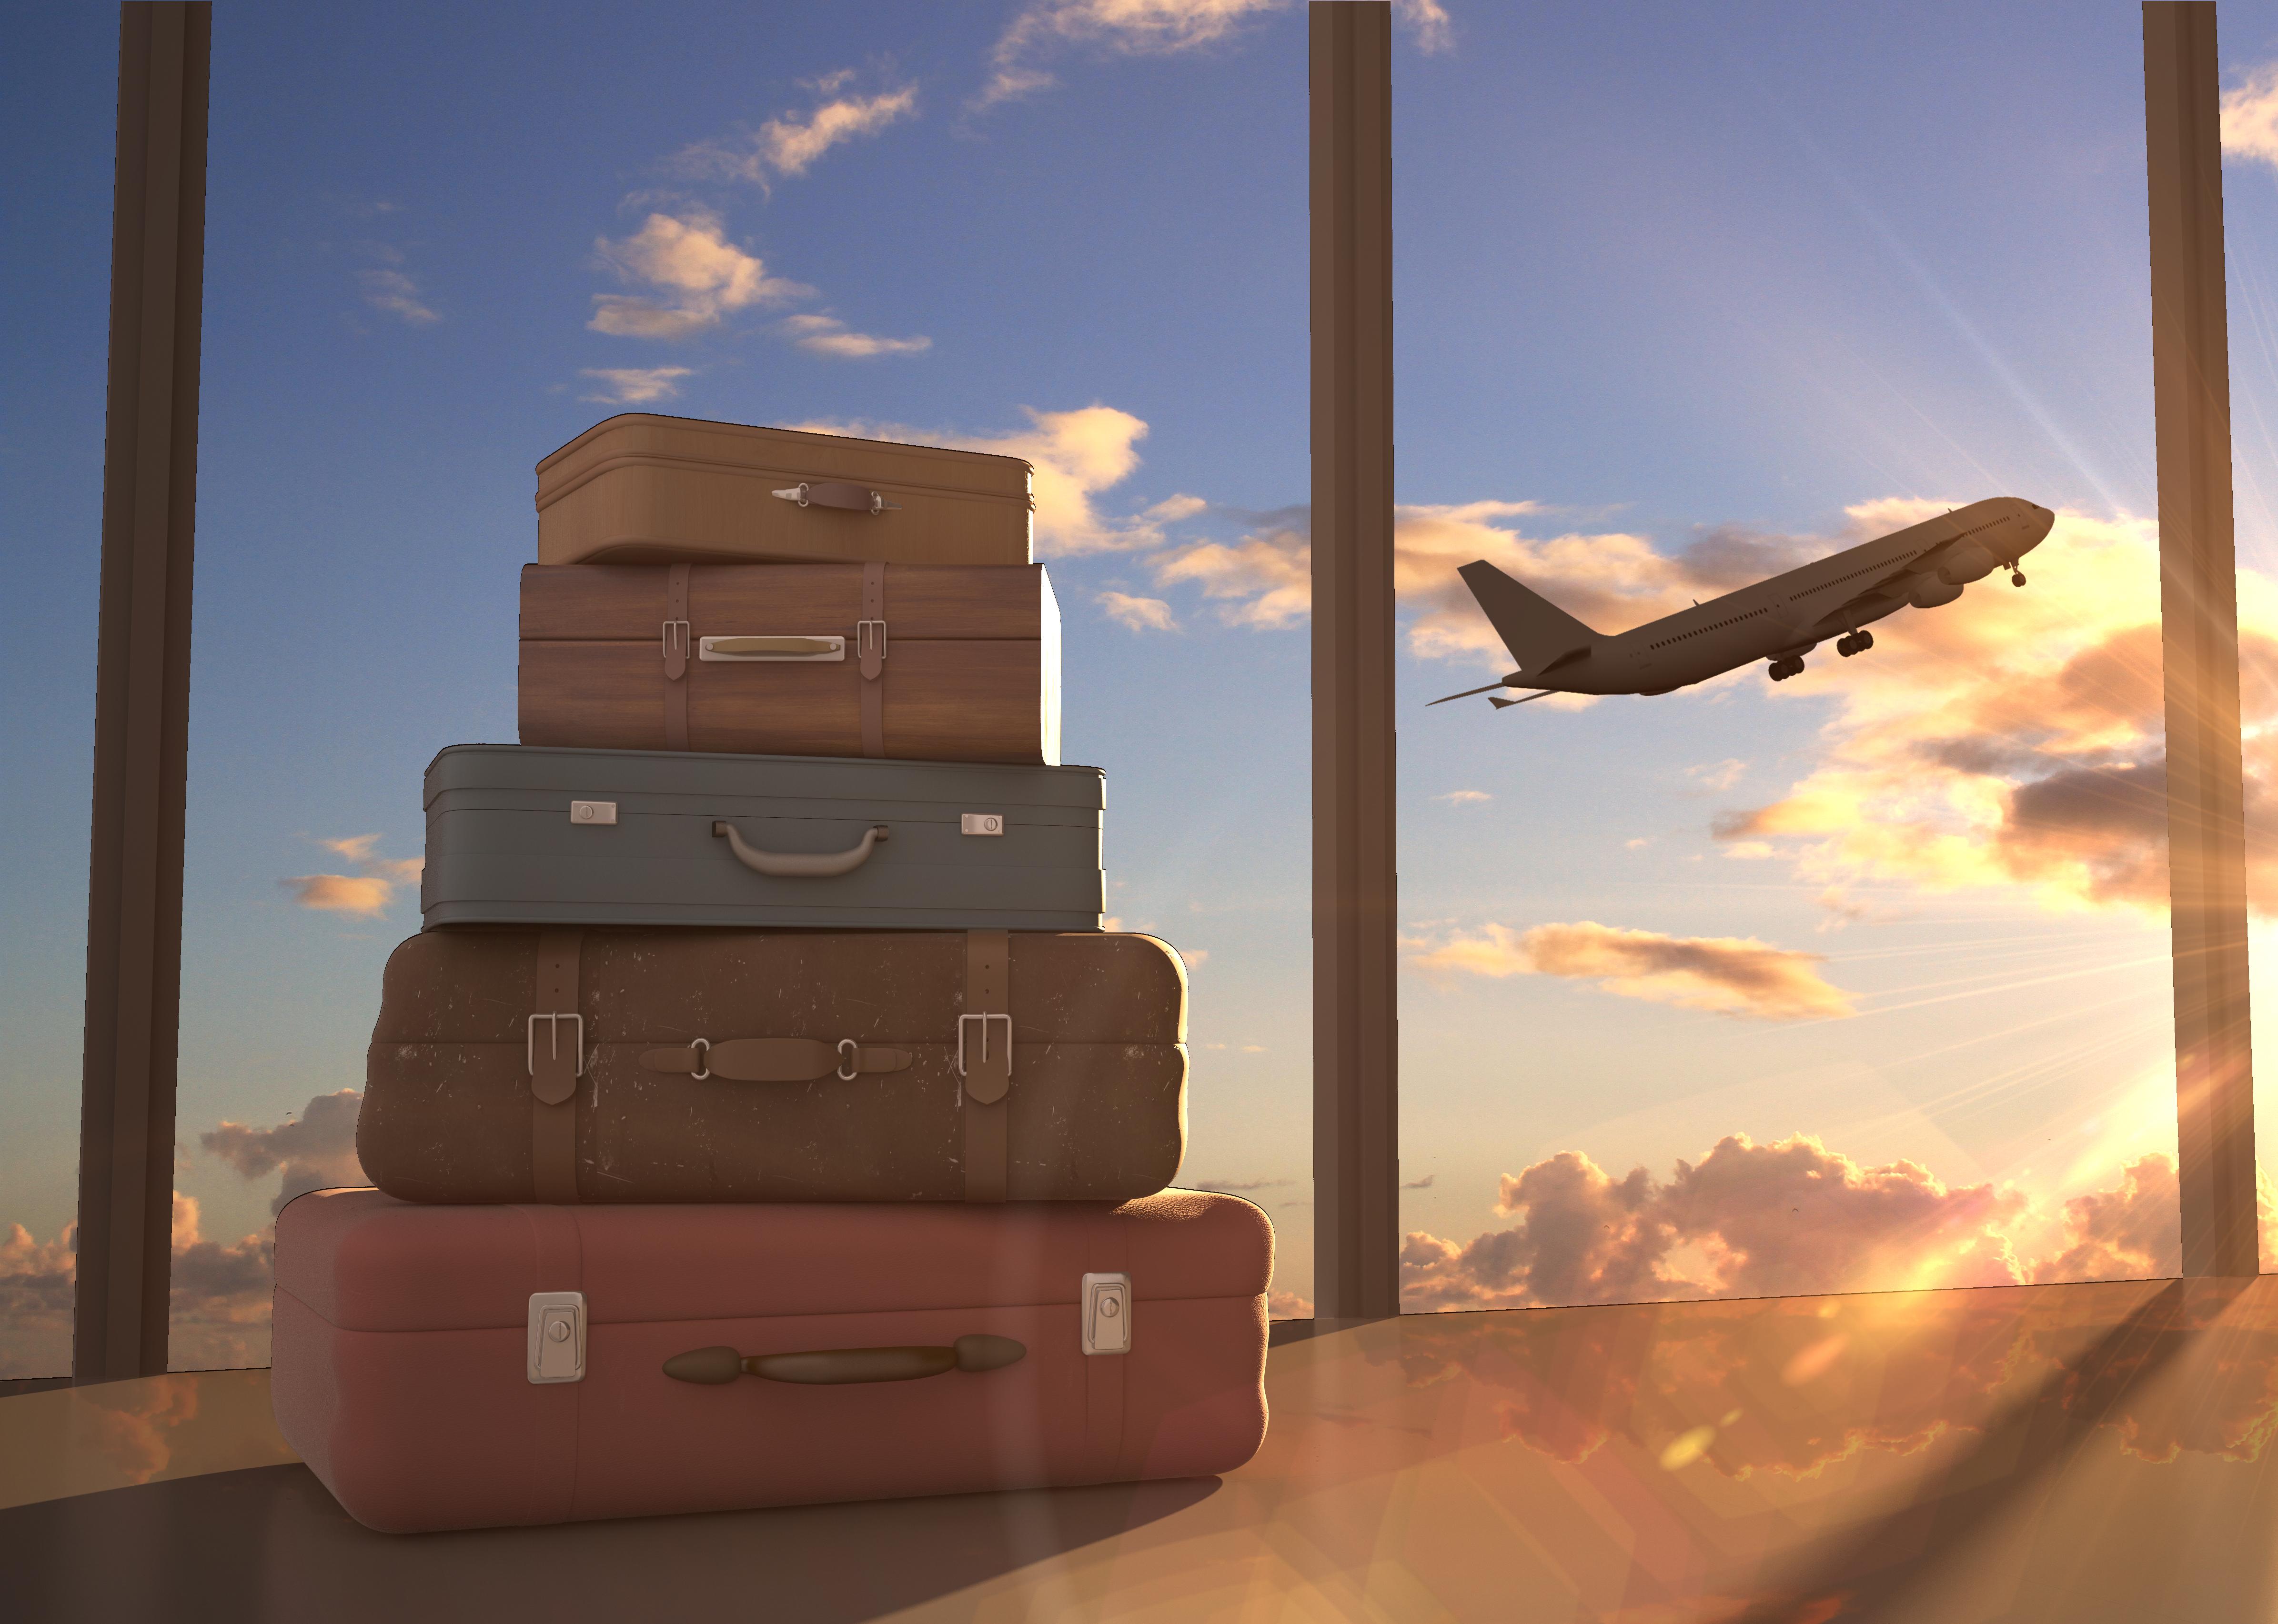 Как получить максимум удовольствия от путешествия при минимальных затратах